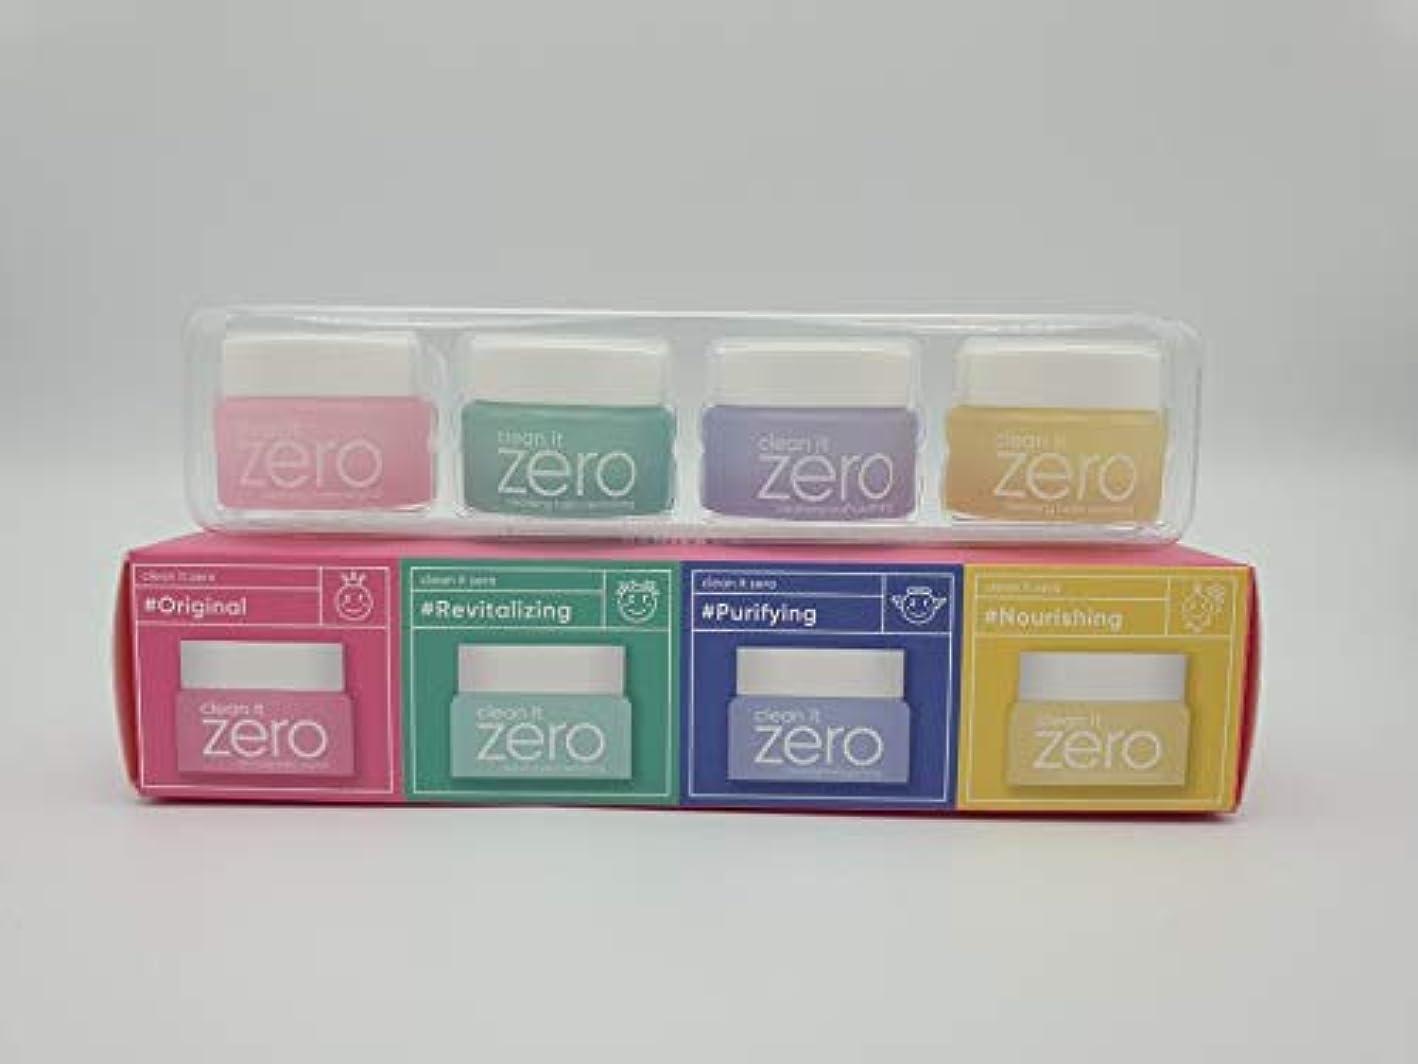 ギャザー曲コンピューターを使用するBANILA CO Clean It Zero Special Kit (7ml×4items)/バニラコ クリーン イット ゼロ スペシャル キット (7ml×4種) [並行輸入品]